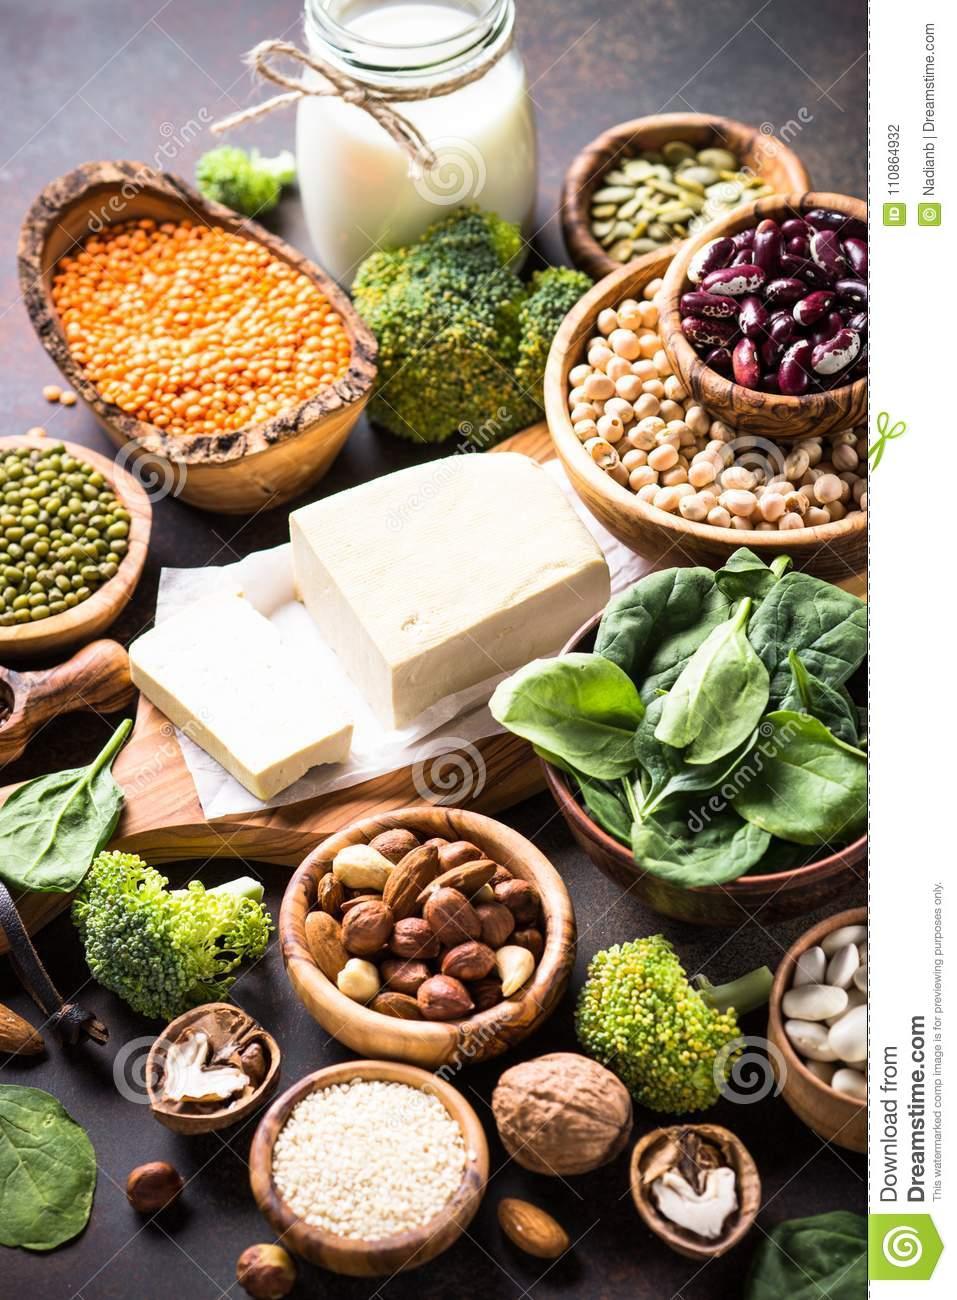 Продукты с высоким содержанием белка для вегетарианцев